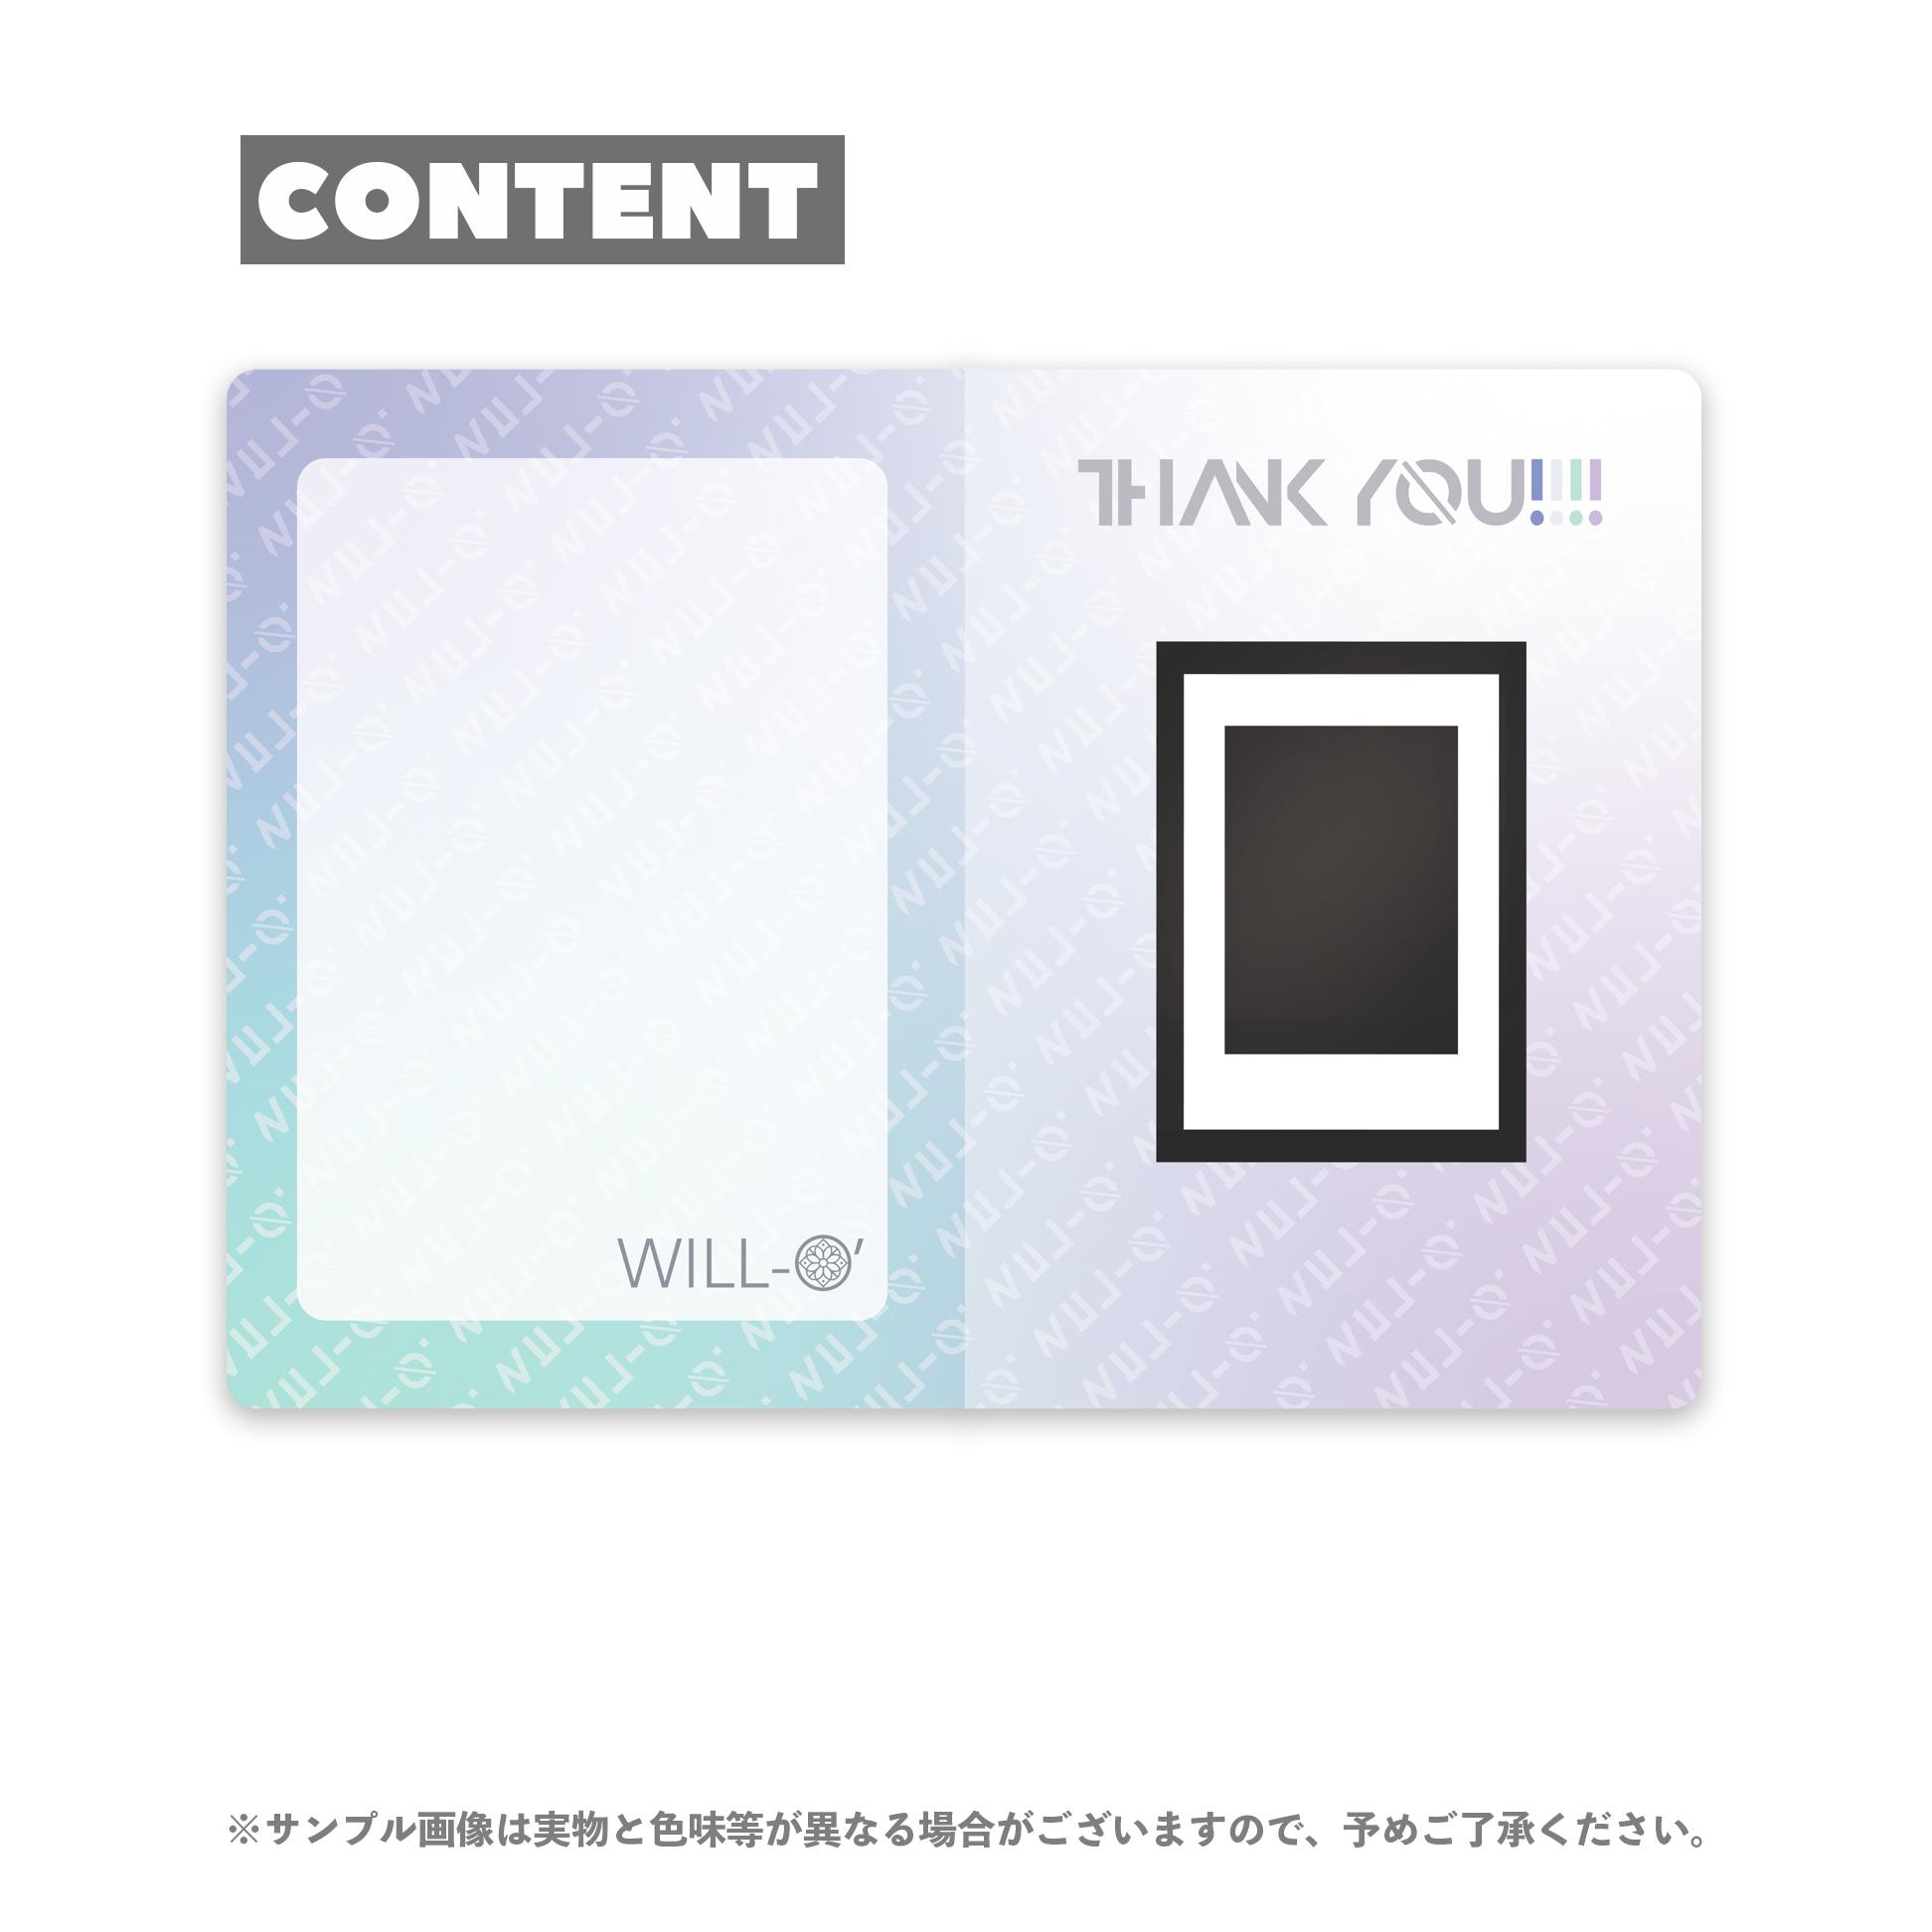 【桐乃みゆ】FC限定/特製カードボードつきソロチェキ(浴衣)